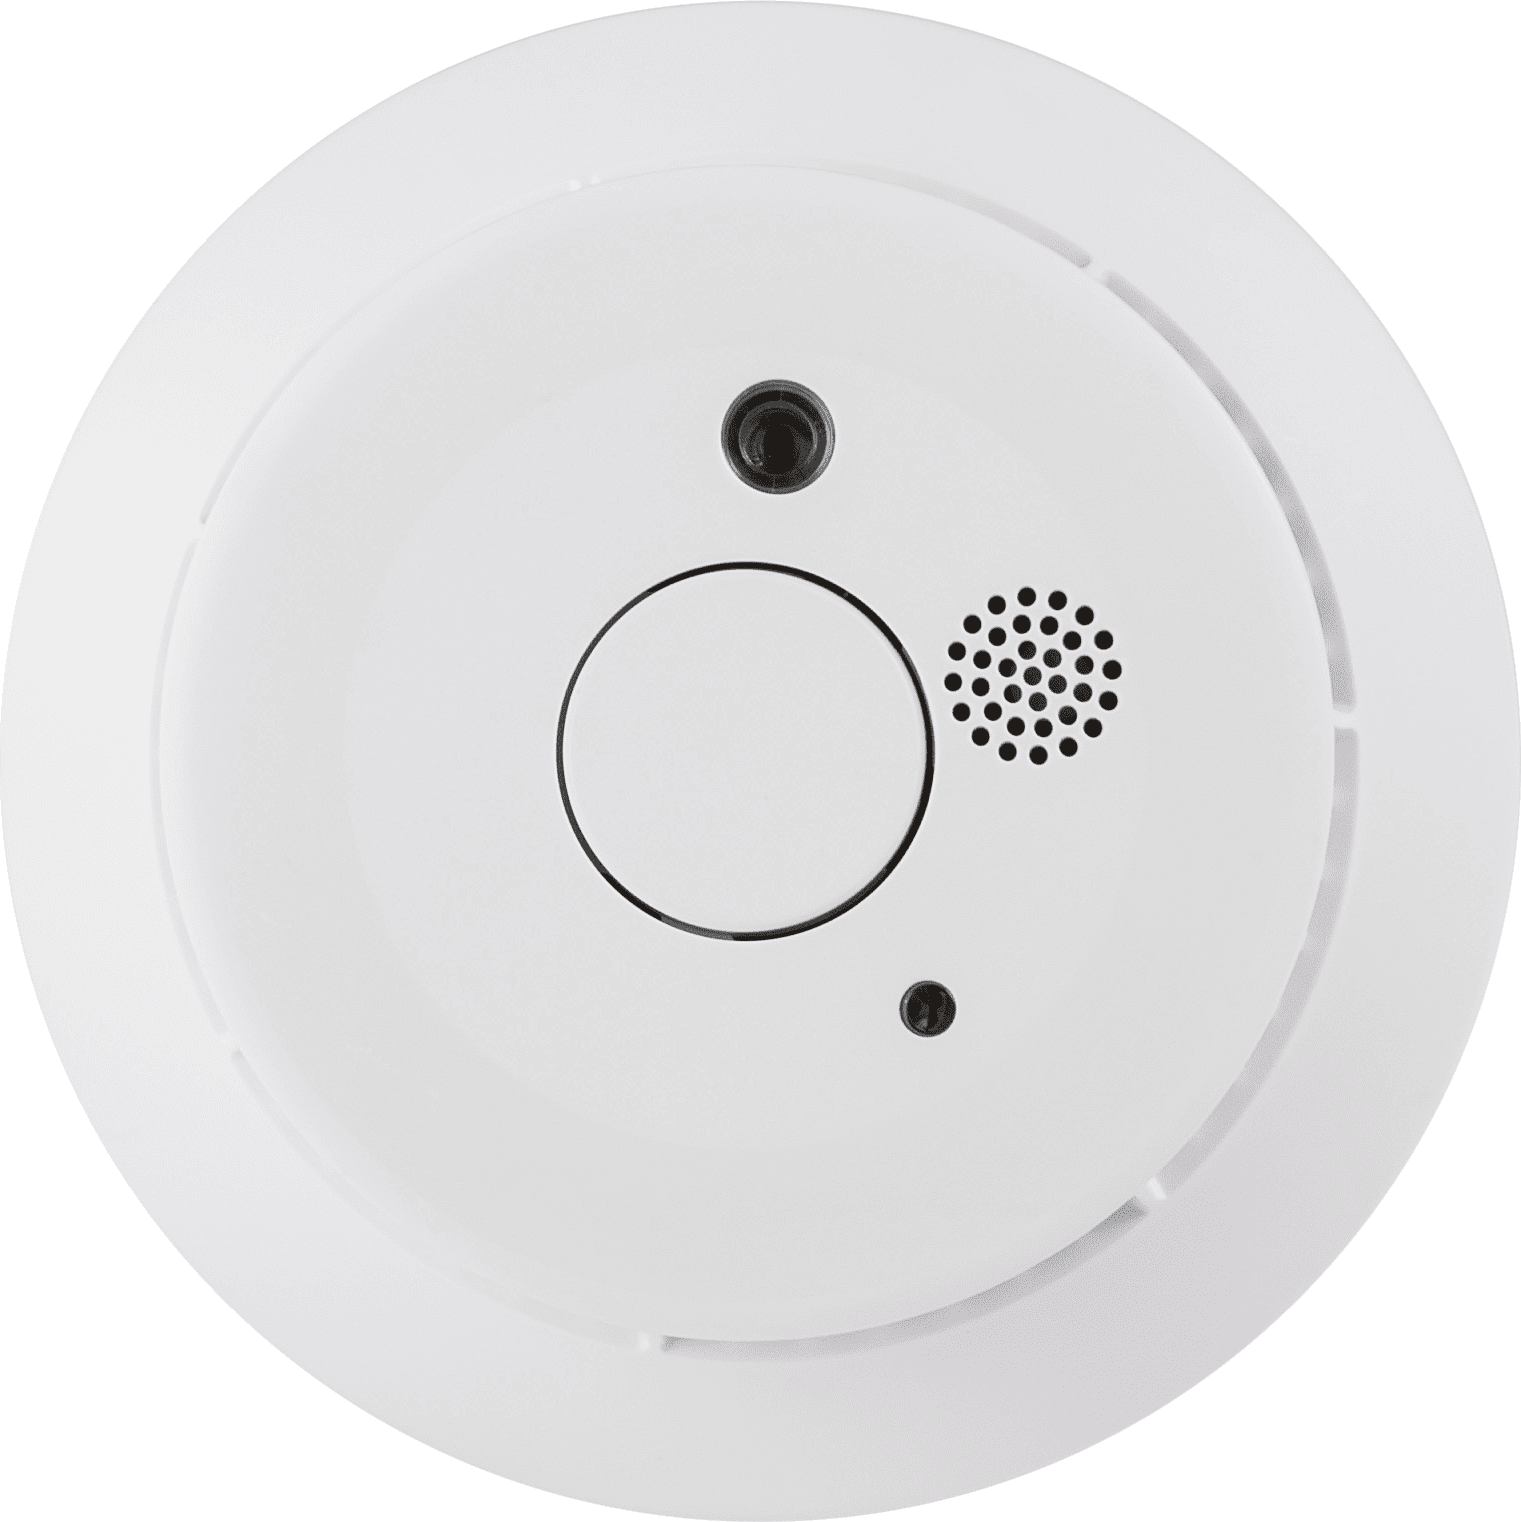 Детектор за дим и пожар RM201-3-броя